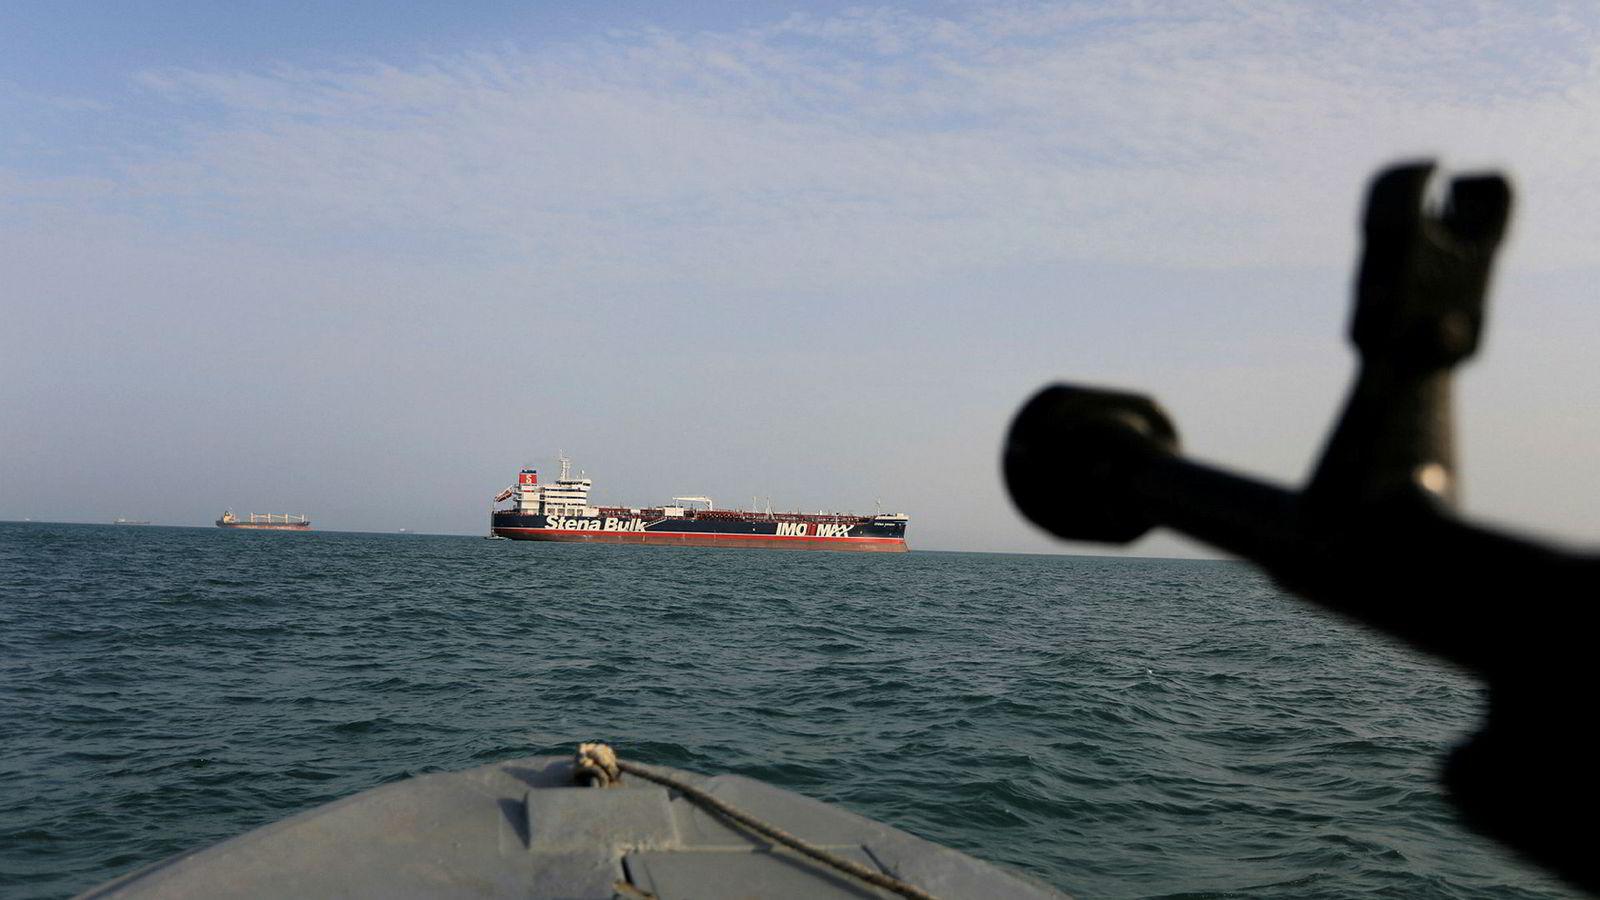 Faren for iranske trusler mot internasjonal skipsfart i Persiabukta etter ikke over, advarer USA.